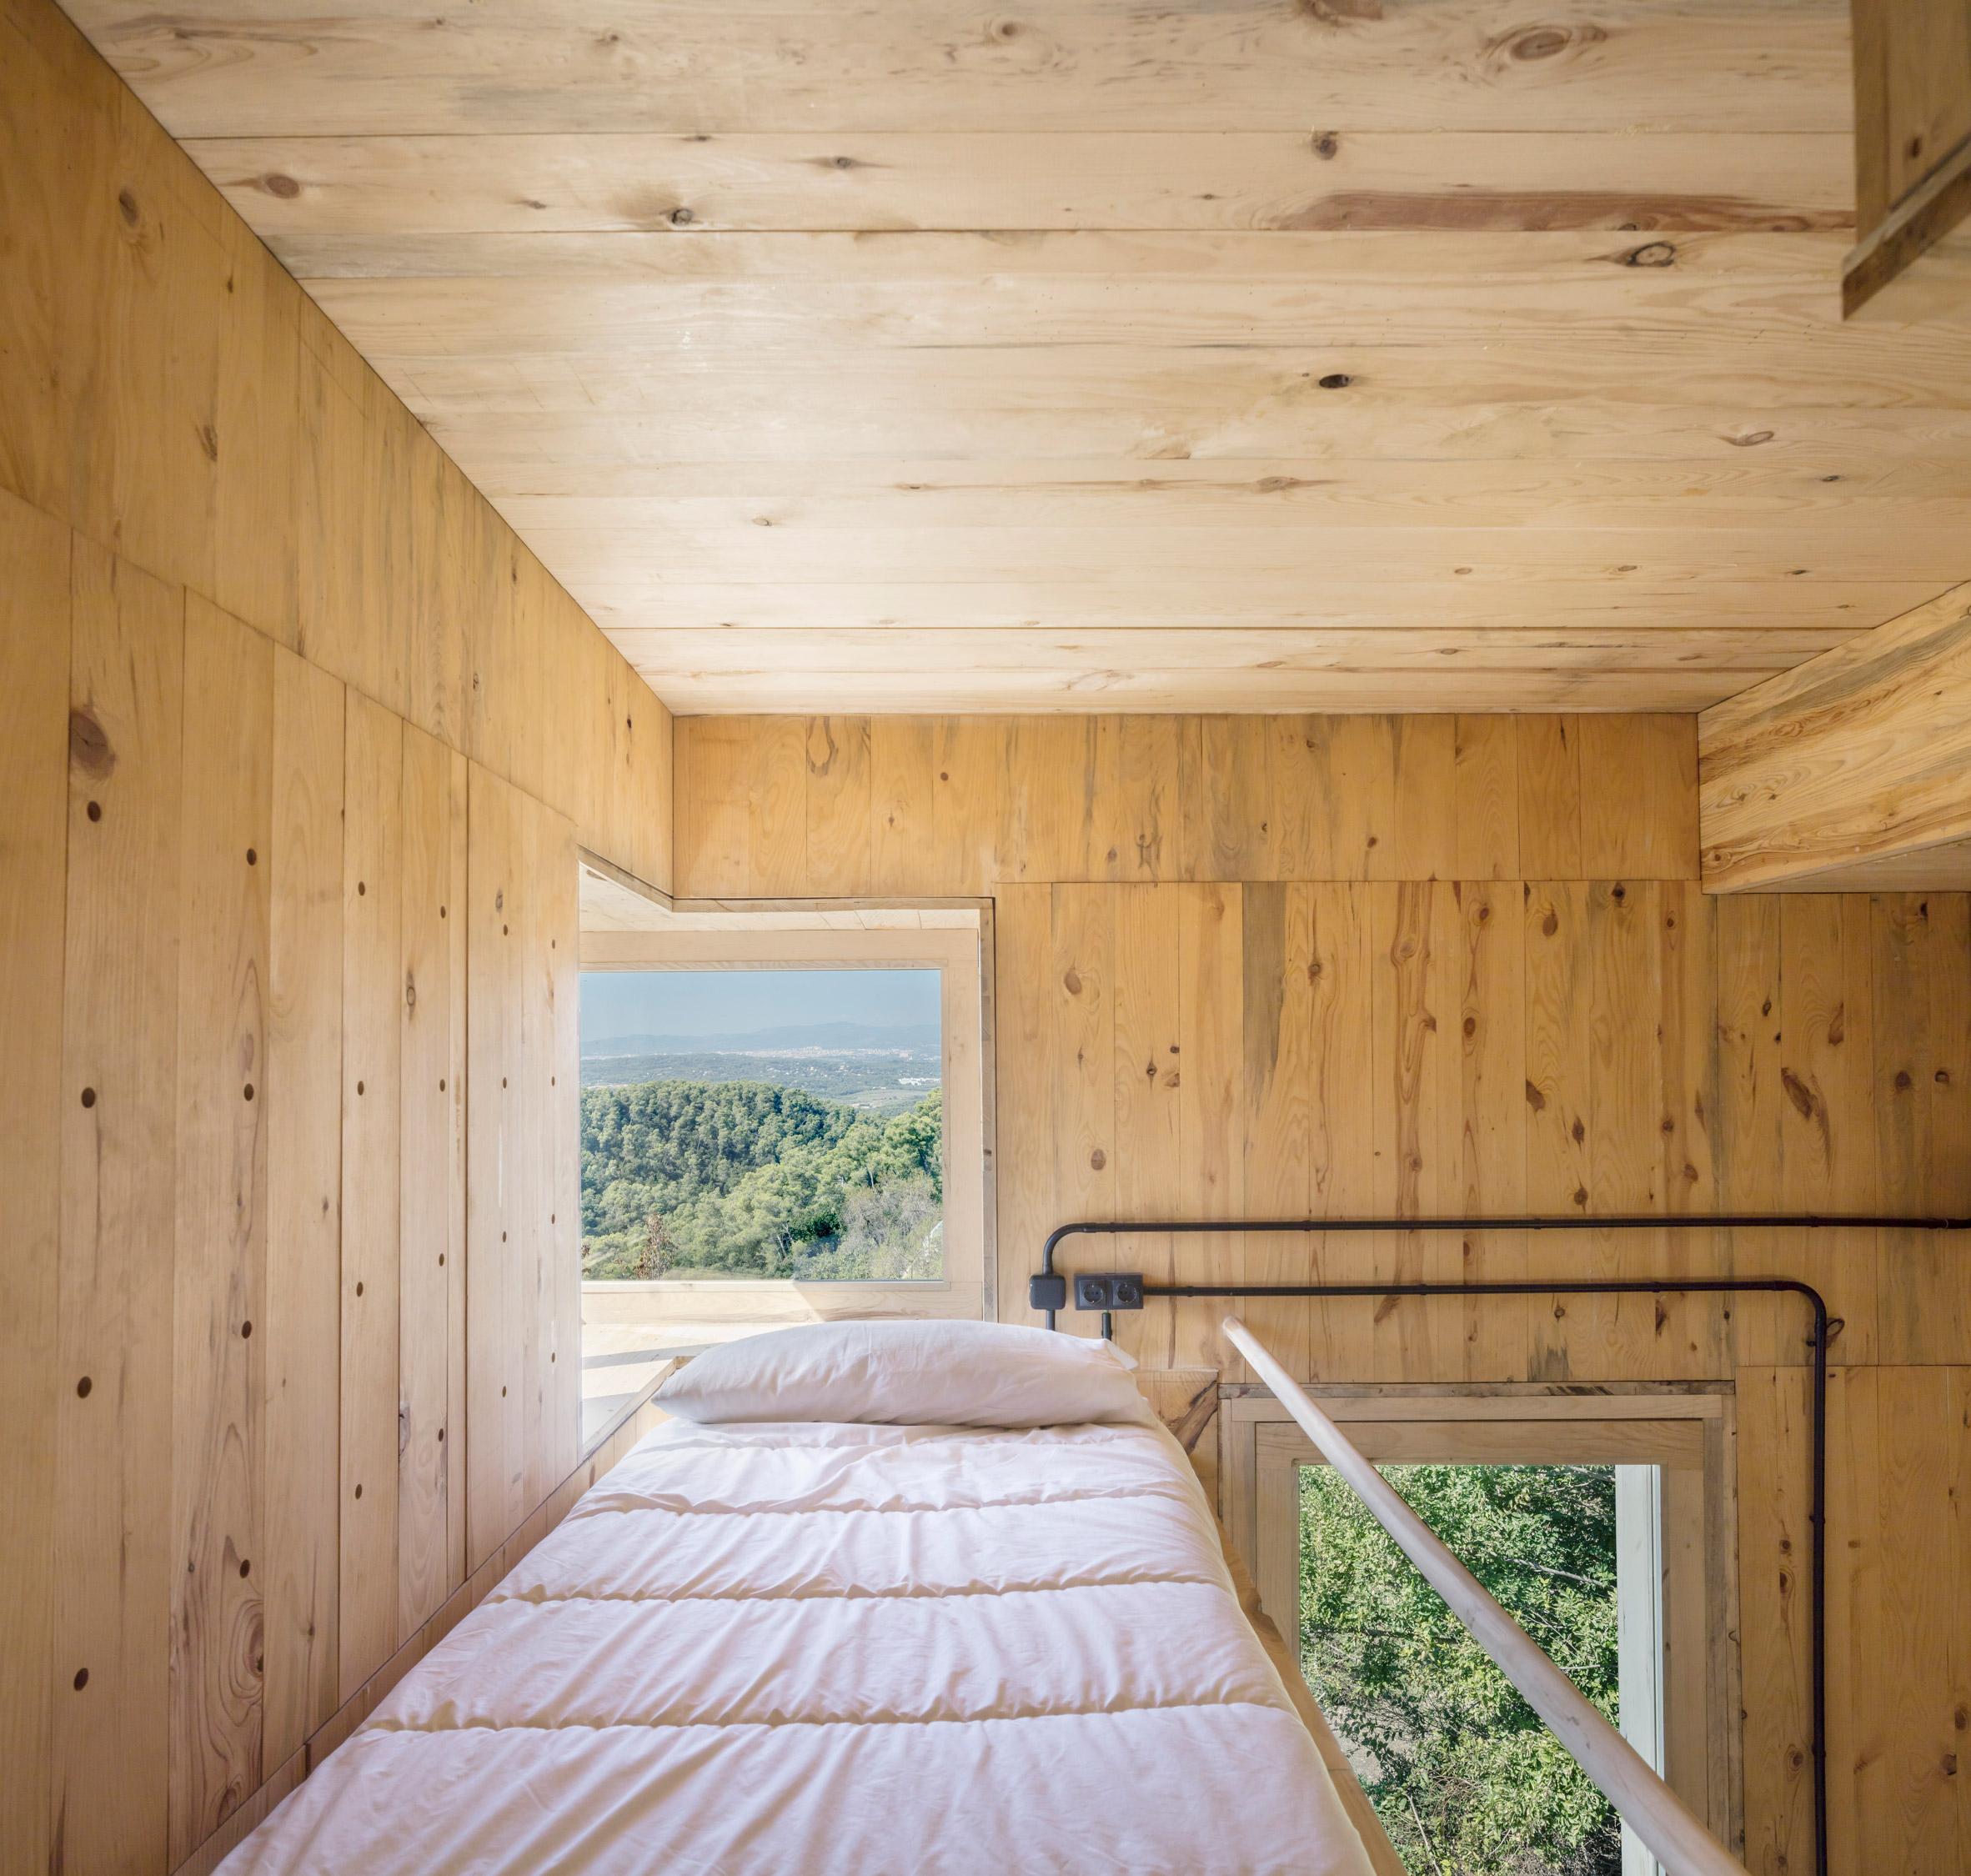 A platform bed inside a rural cabin